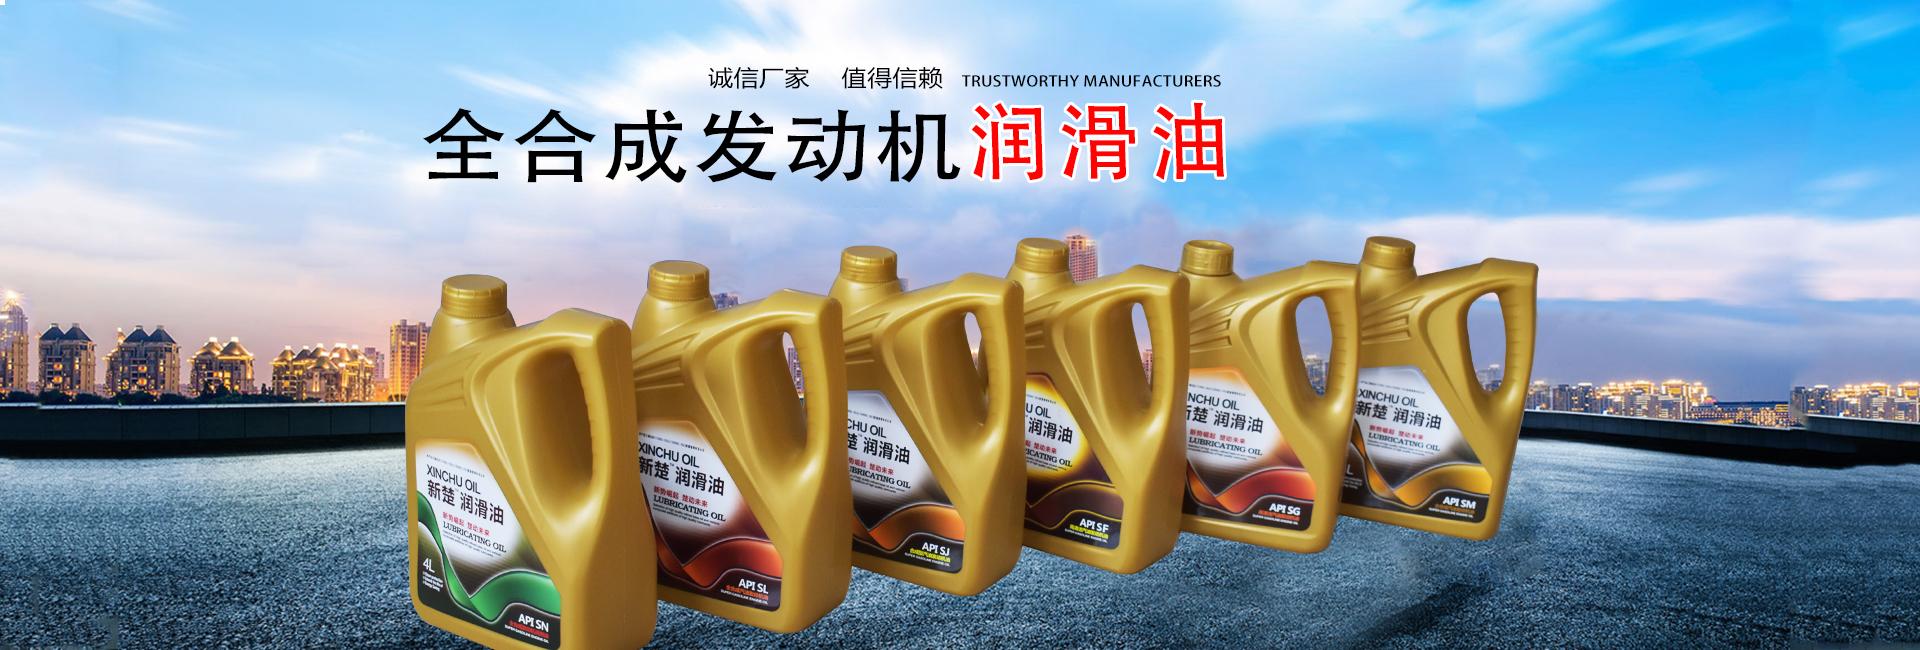 全合成发动机润滑油